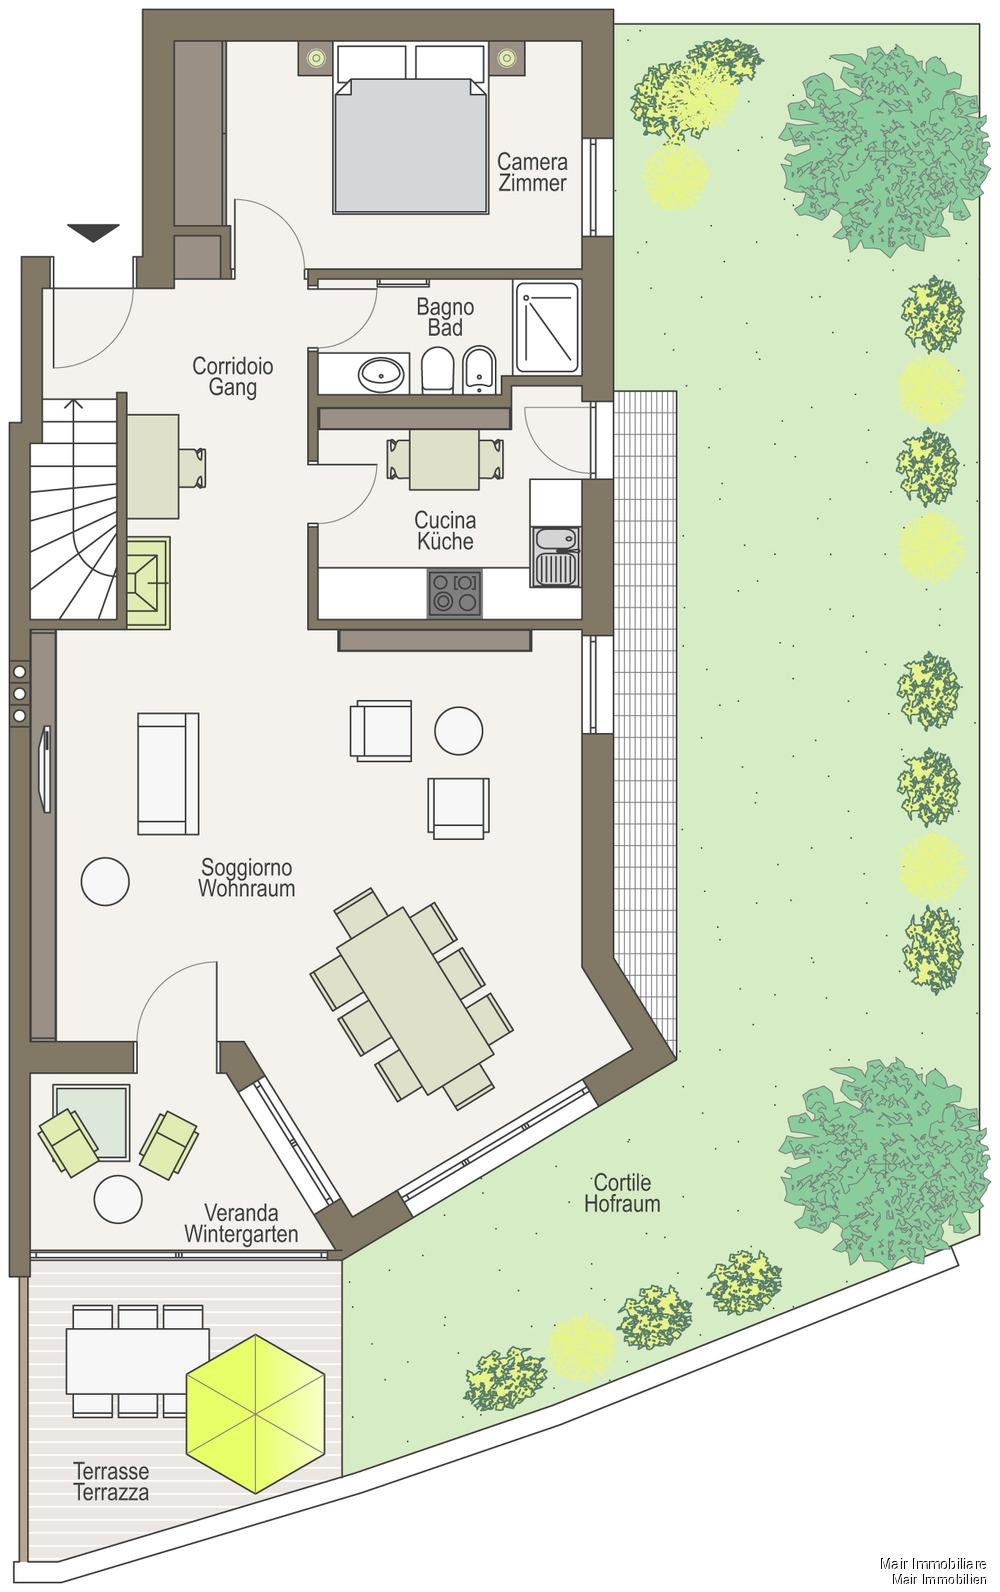 Piantina piano terra - Plan Erdgeschoss